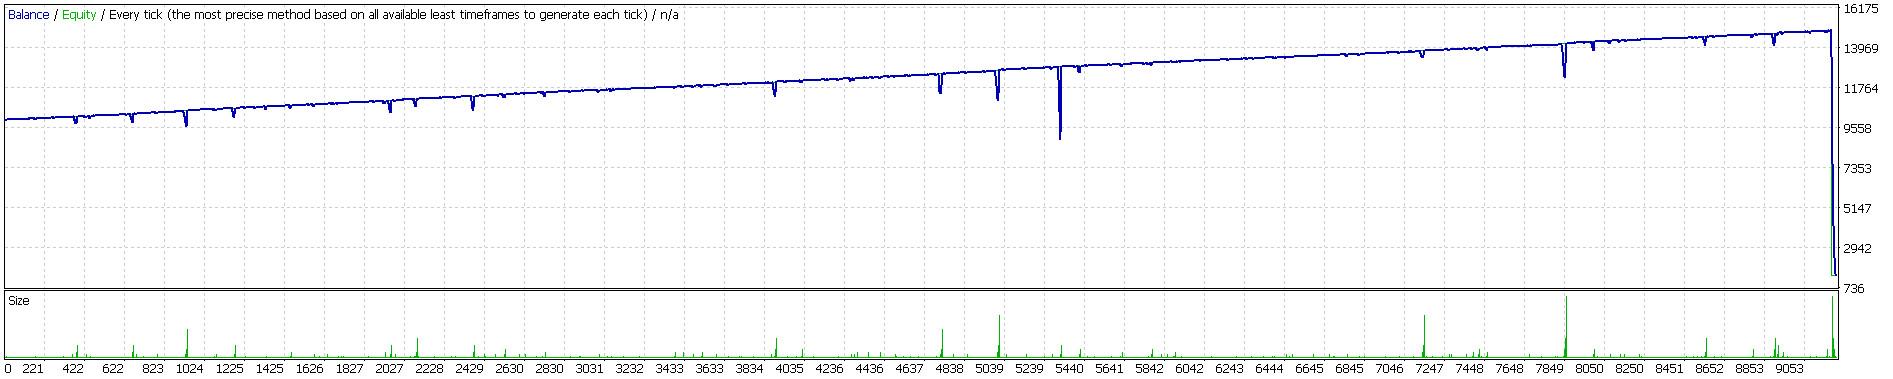 Форекс робот dracula 2 вытащить котировки forex в реальном времени